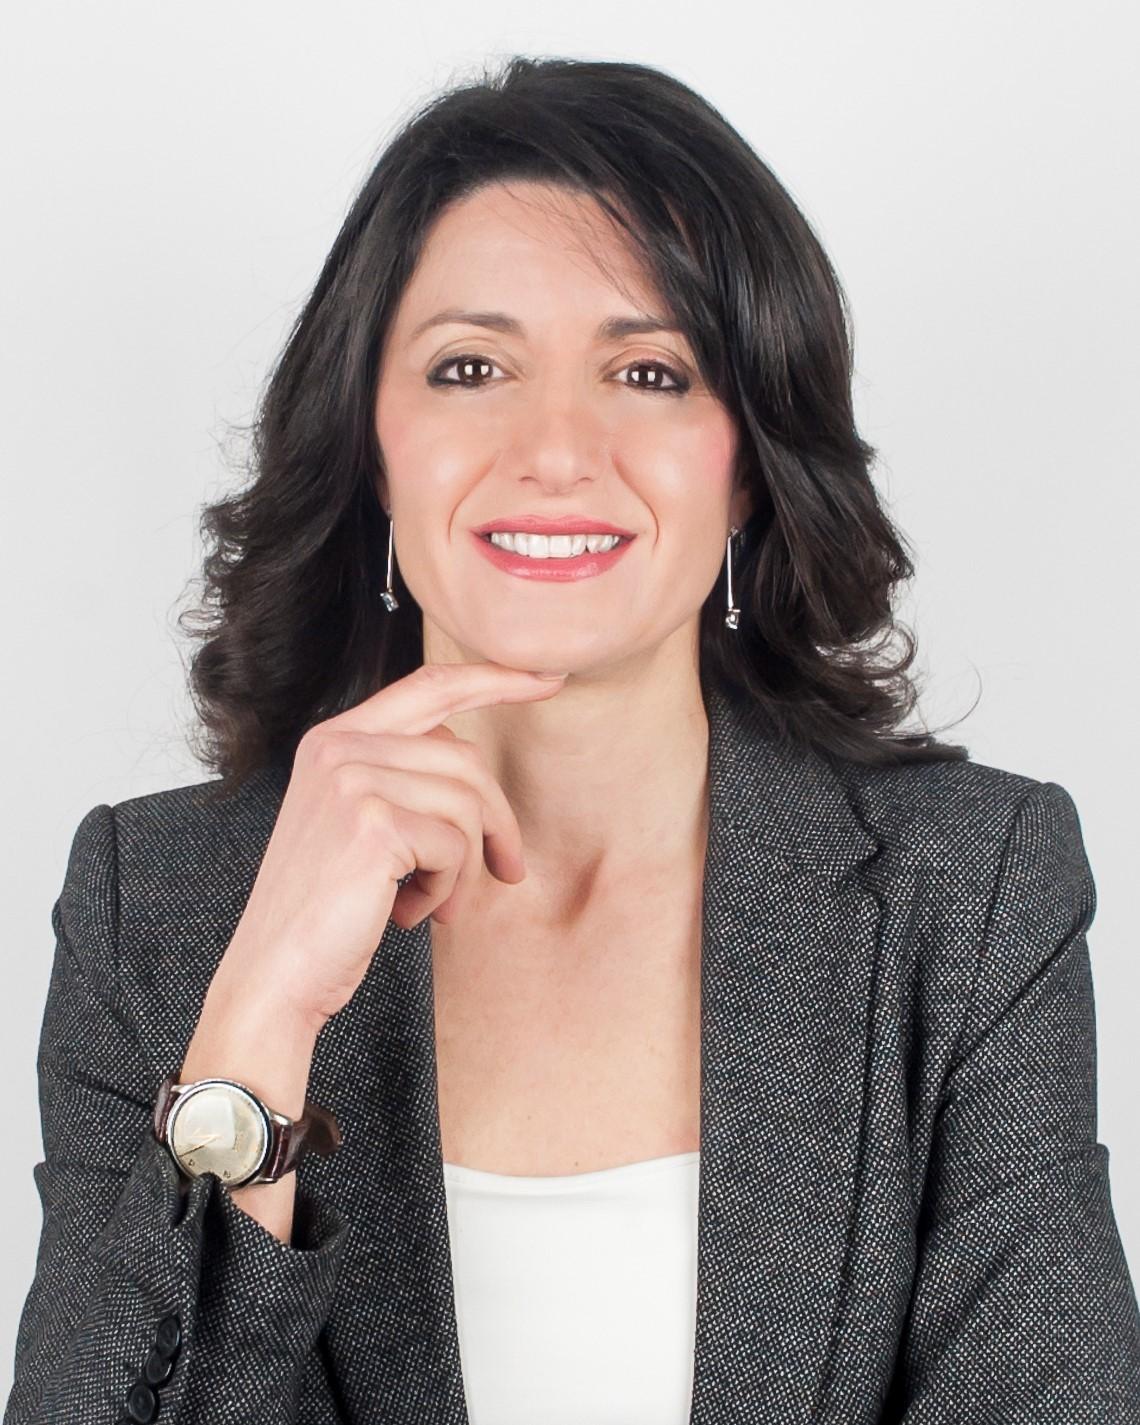 Chiara Trulli